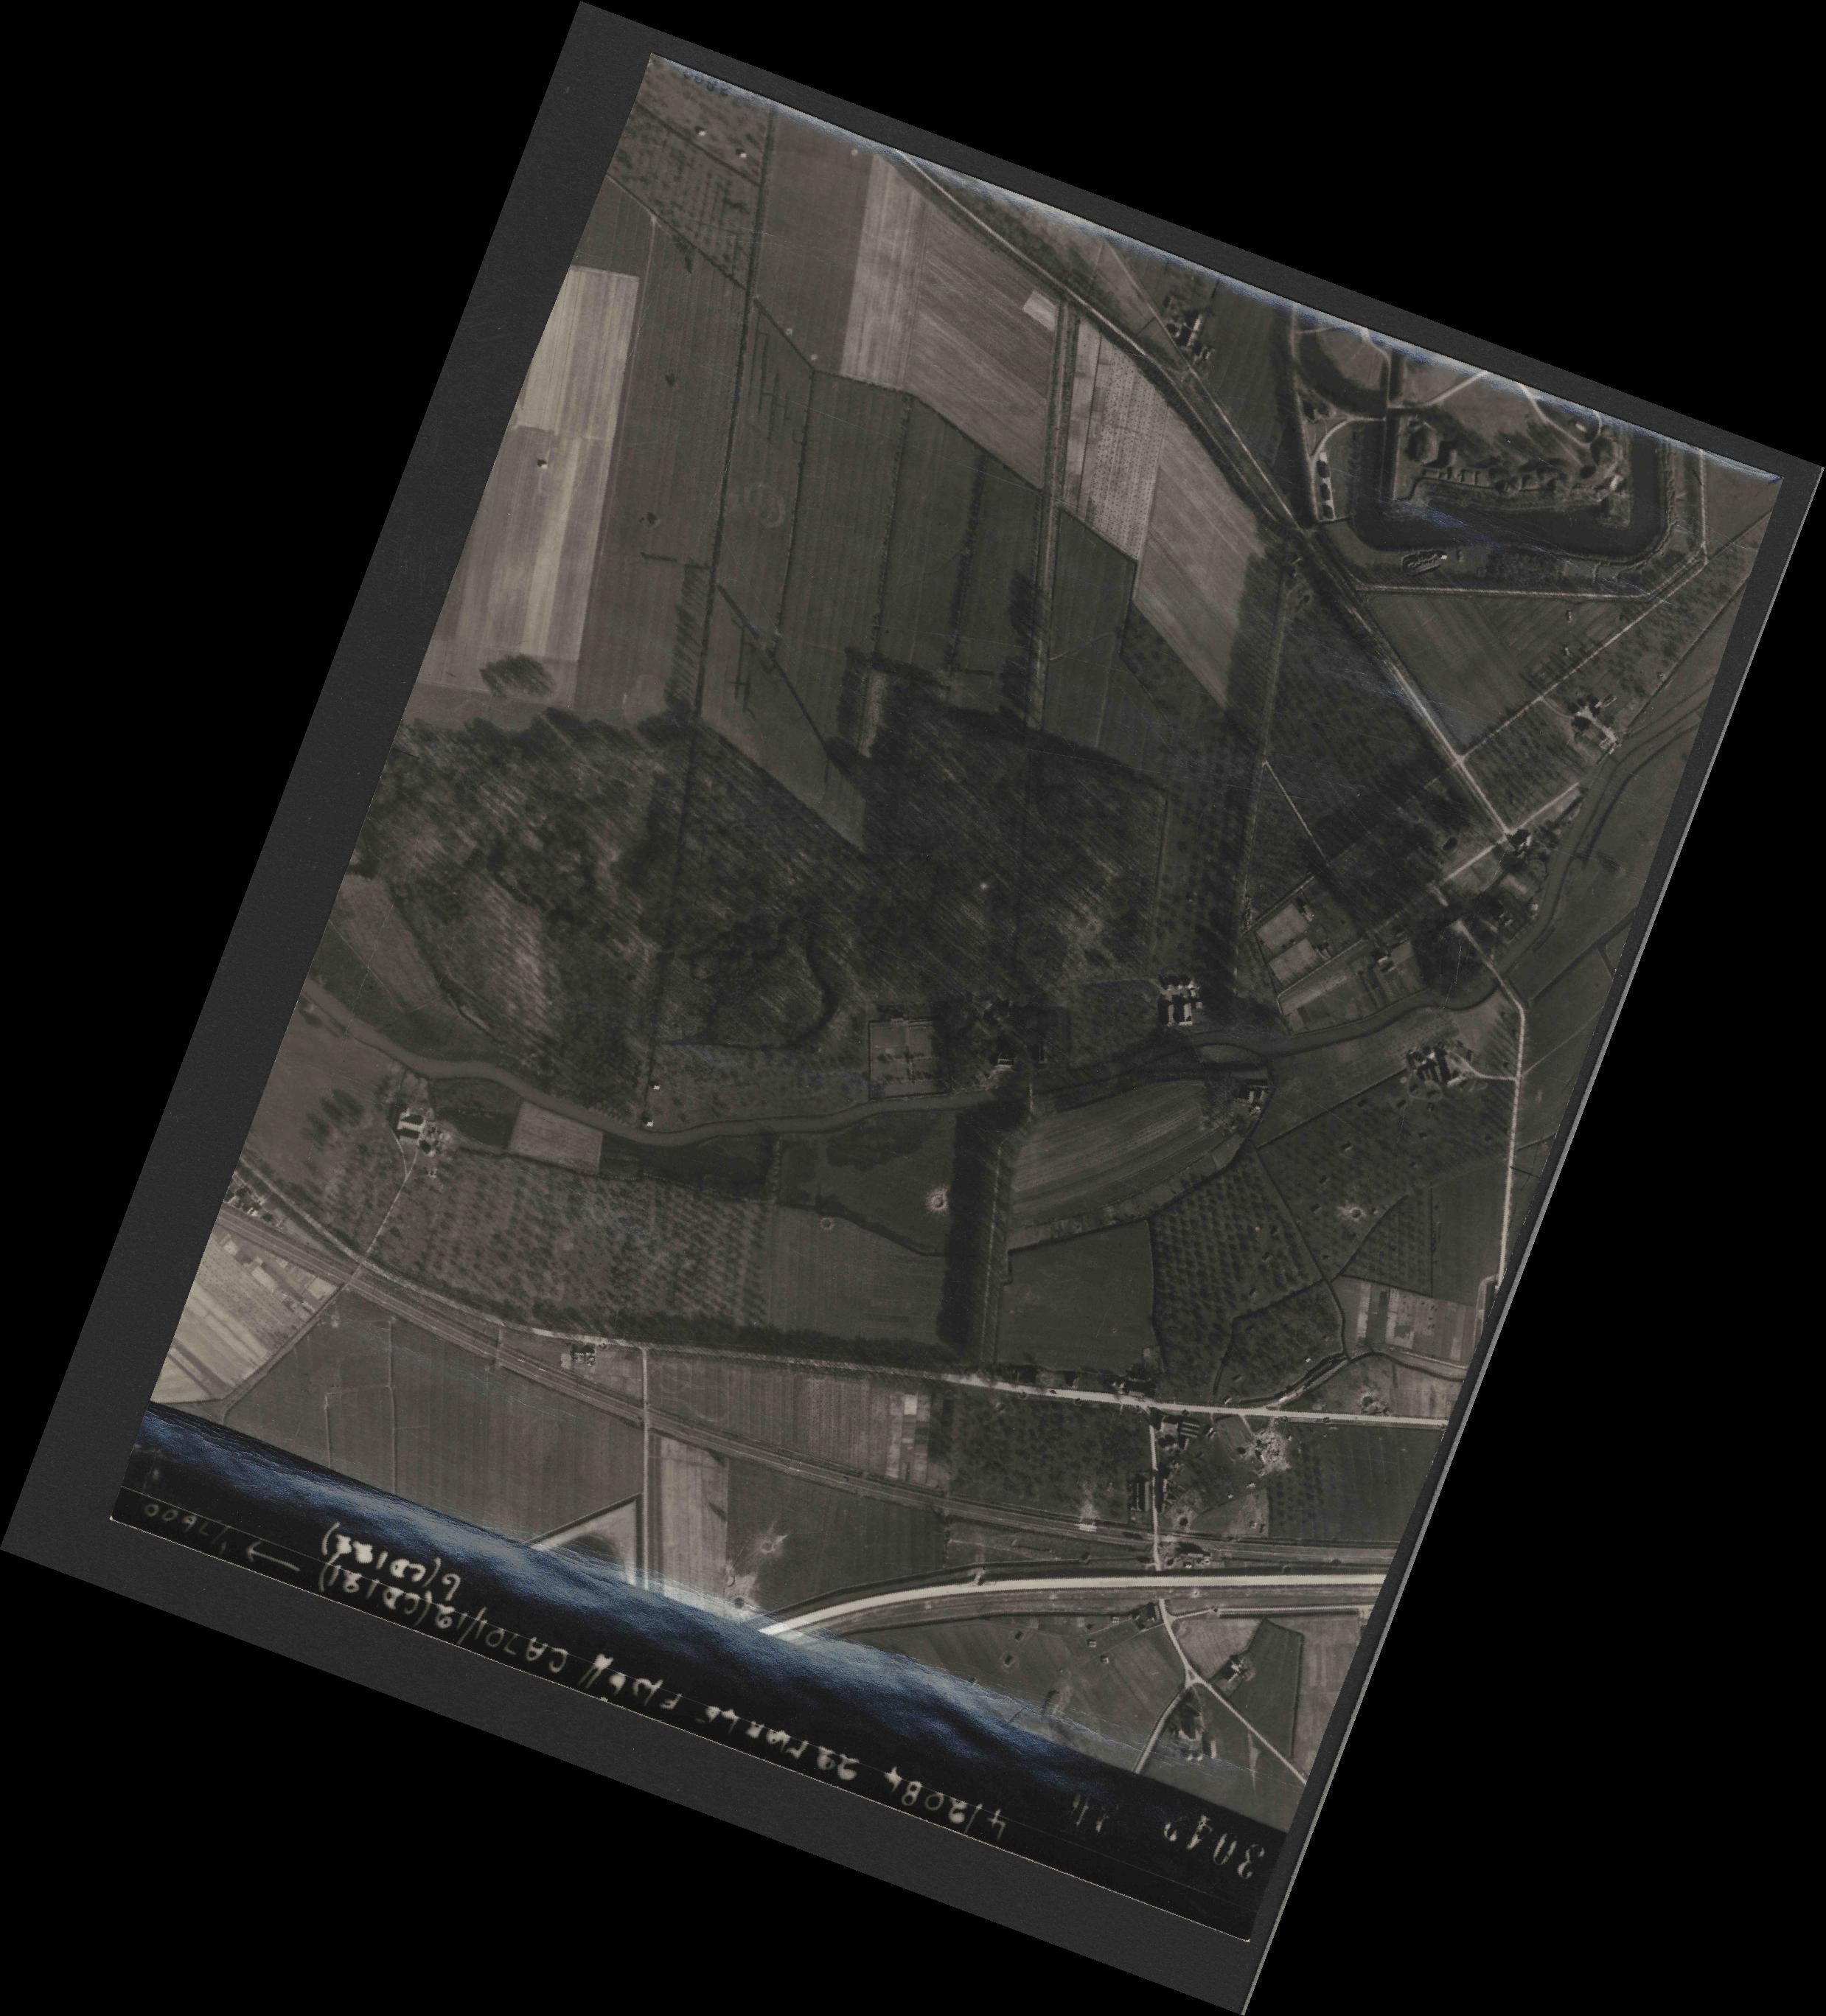 Collection RAF aerial photos 1940-1945 - flight 163, run 11, photo 3042